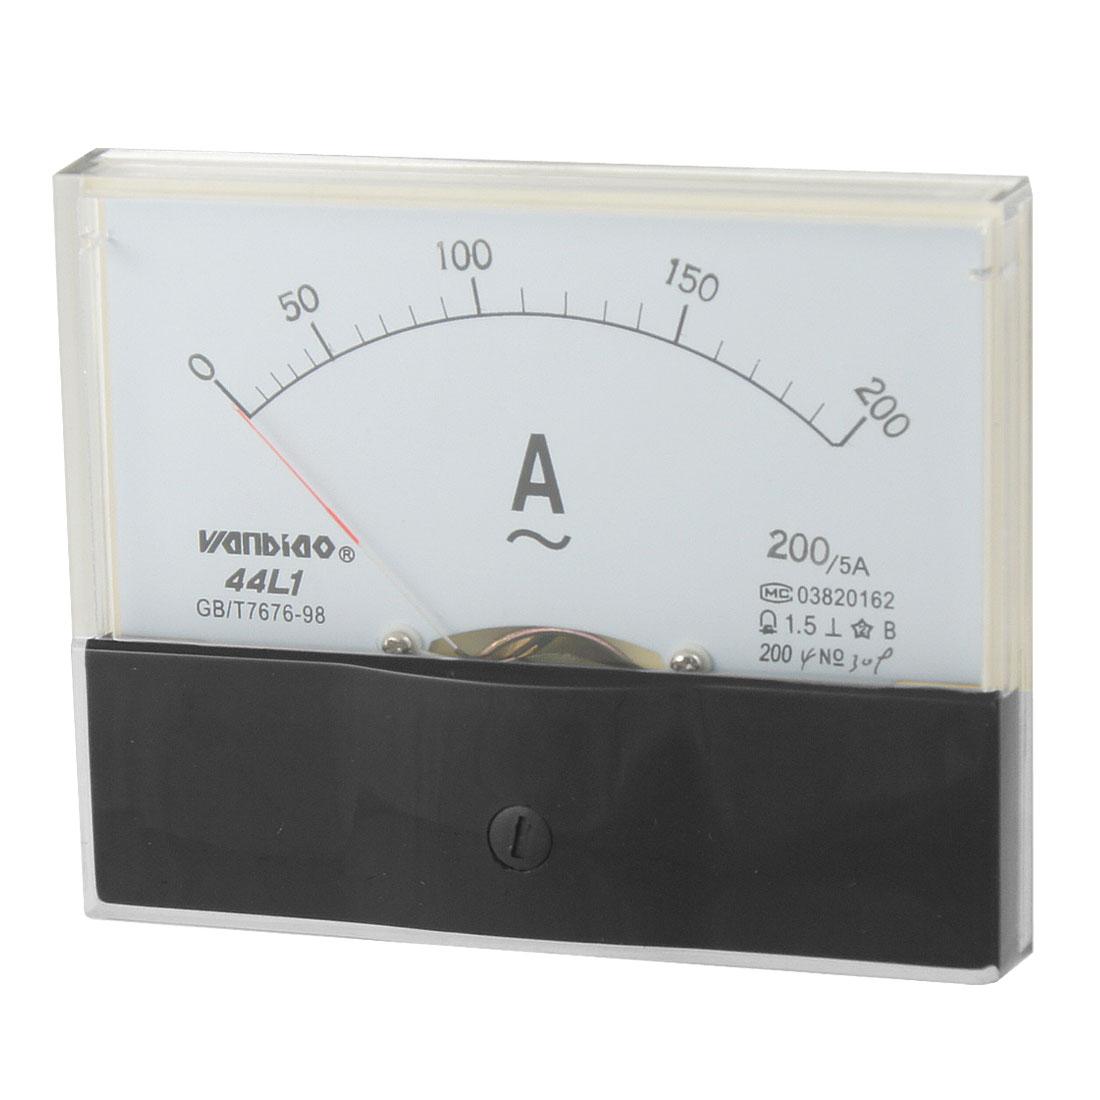 Plastic Housing AC 0-200A Range Analog Panel Meter Amperemeter